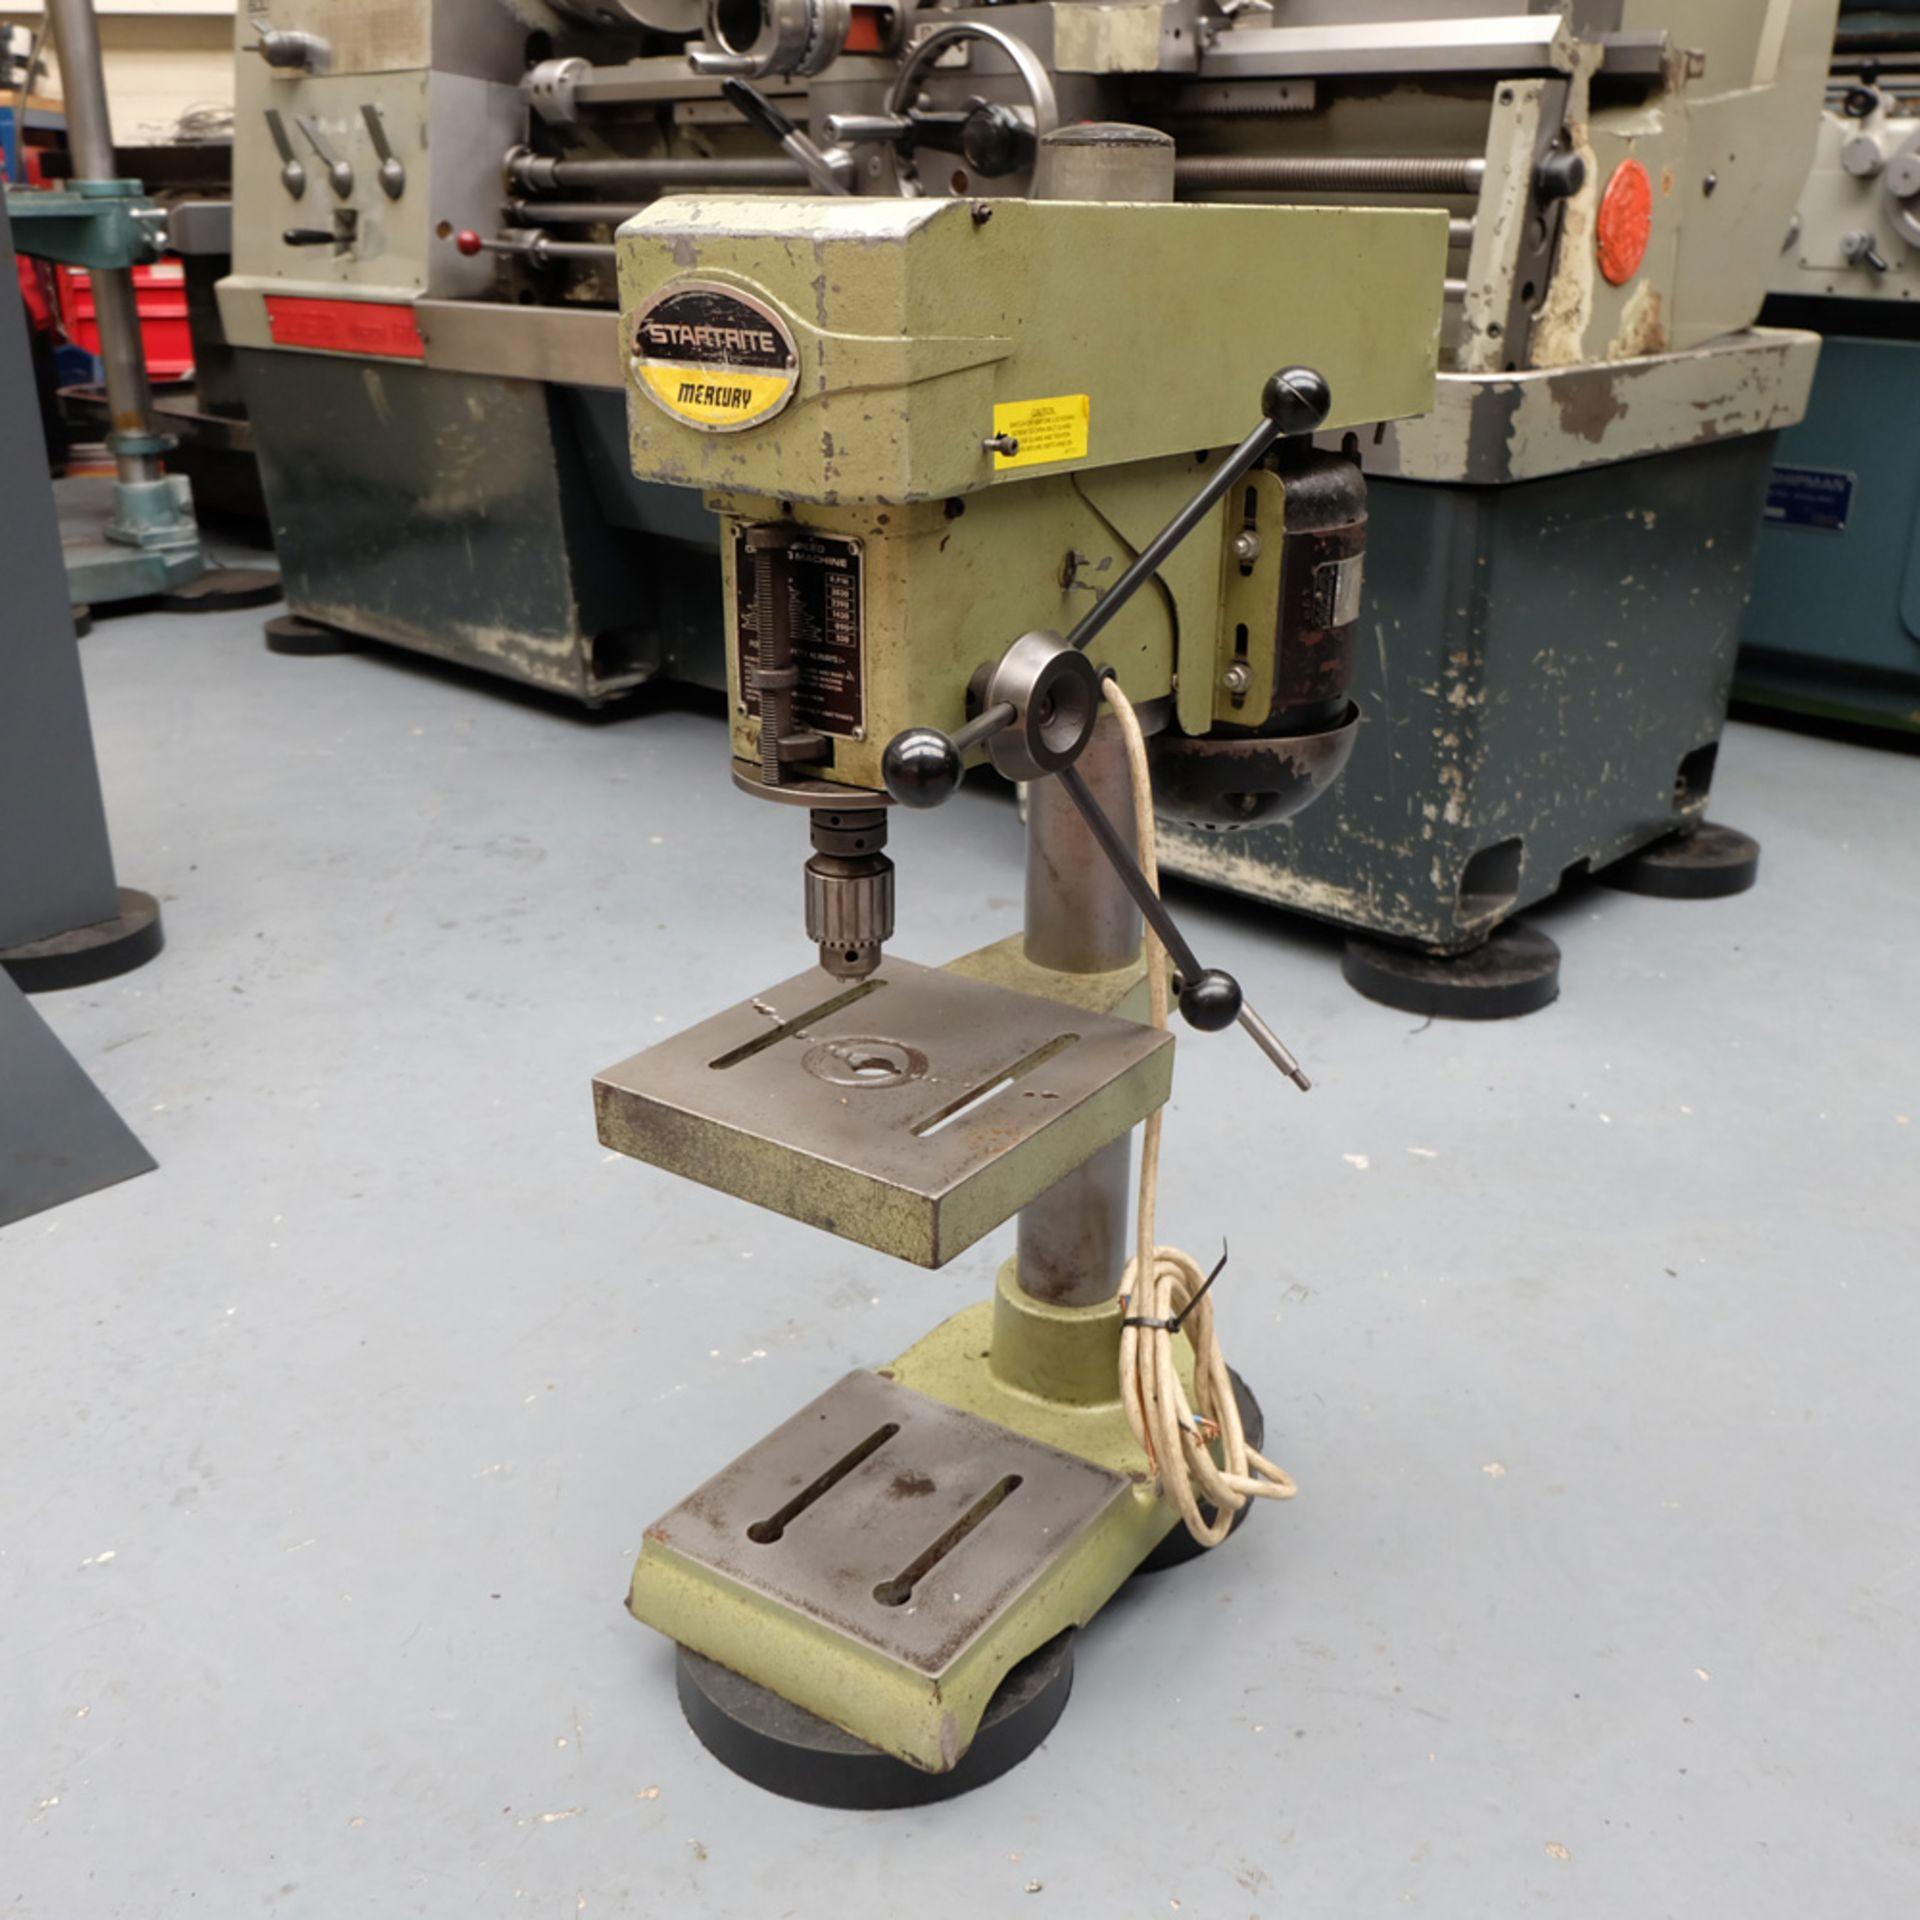 Startrite Mecury 5 Speed Bench Drill. Speeds 530 - 3830rpm. 3 Phase.